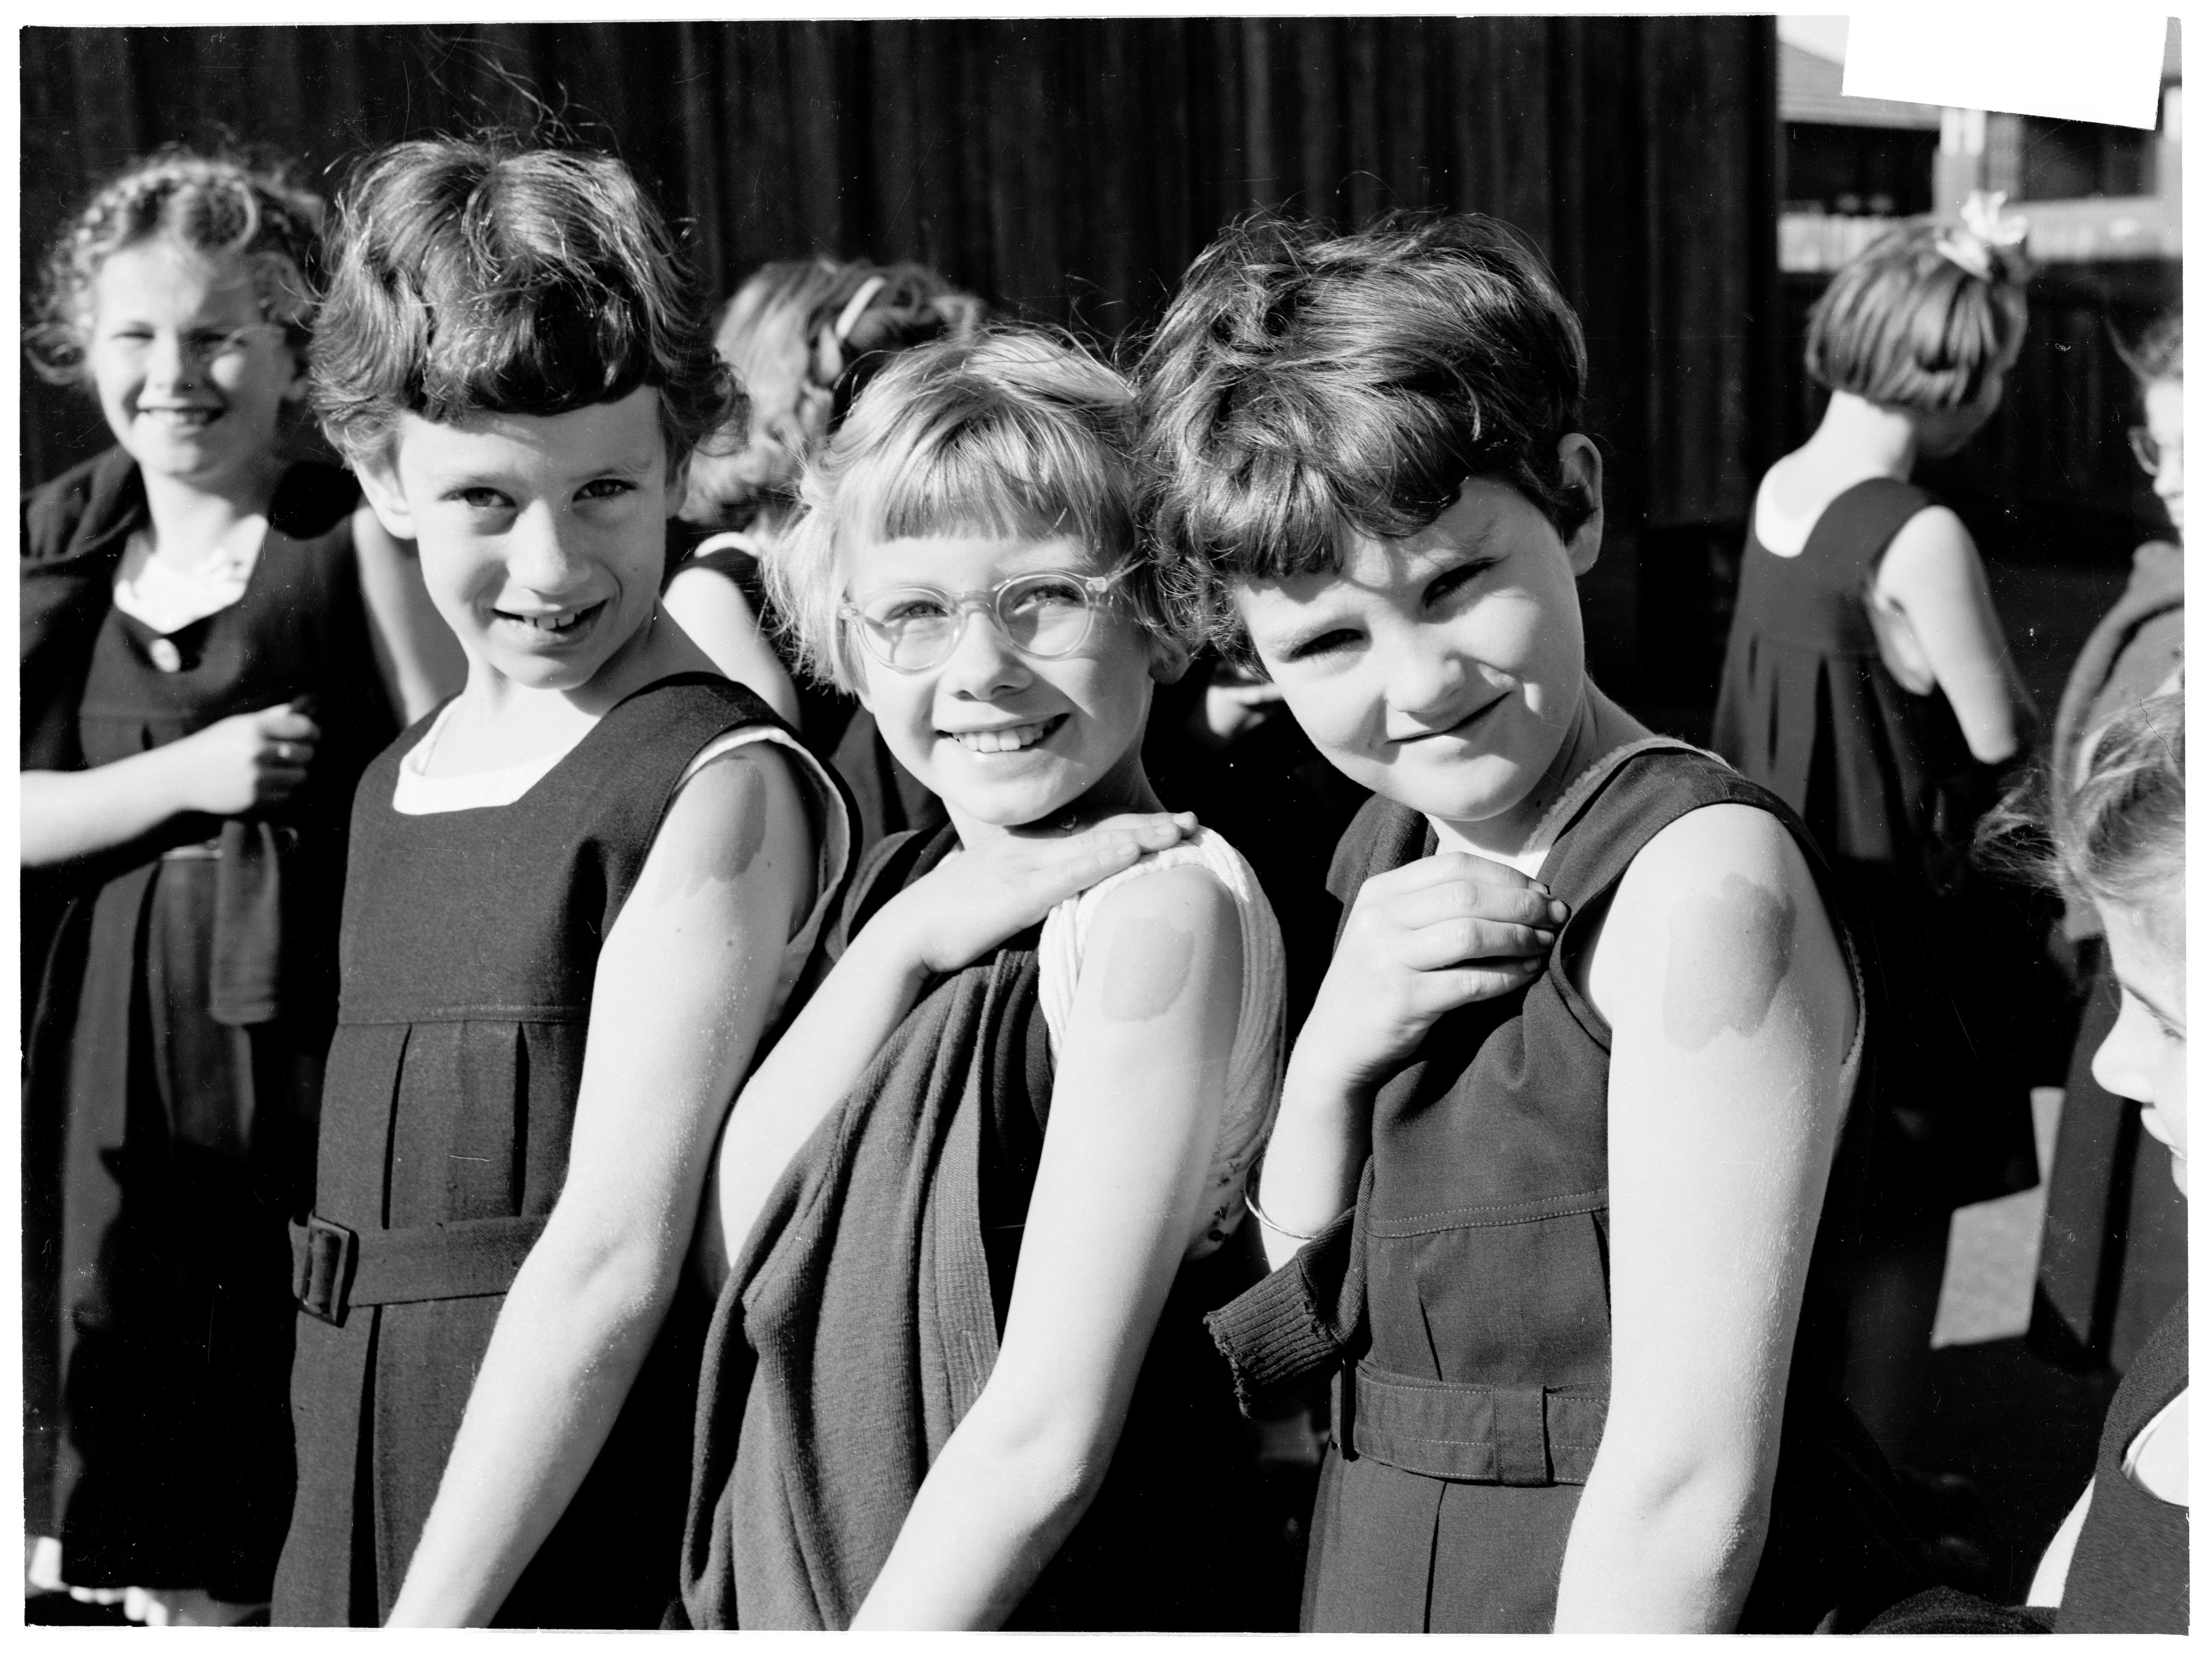 ADOL-Rubella girls